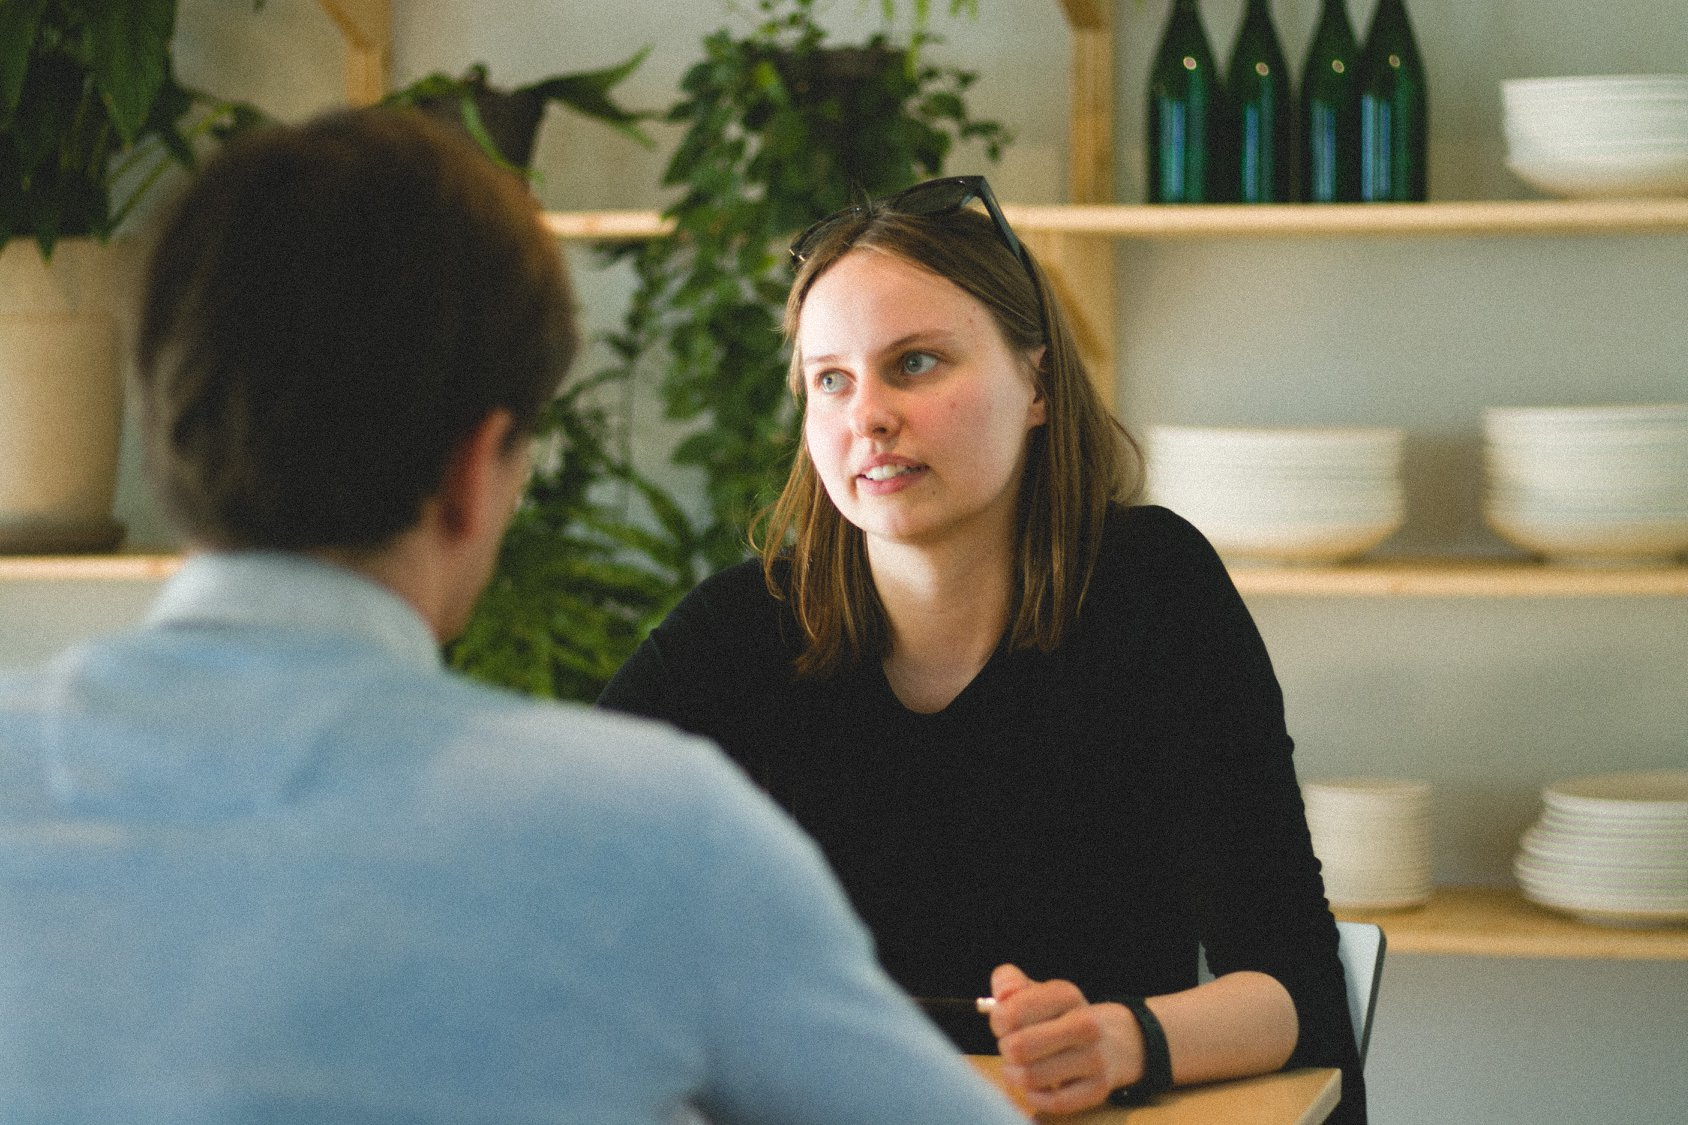 Nors, dalyvavusi mentorystės programoje, Agnė vis dar nesijaučia labai drąsiai kino profesionalų susitikimuose, bet, pasak jos, gavo daug grįžtamojo ryšio, žino, kad eina teisinga linkme. Brigitos Beniušytės nuotr.